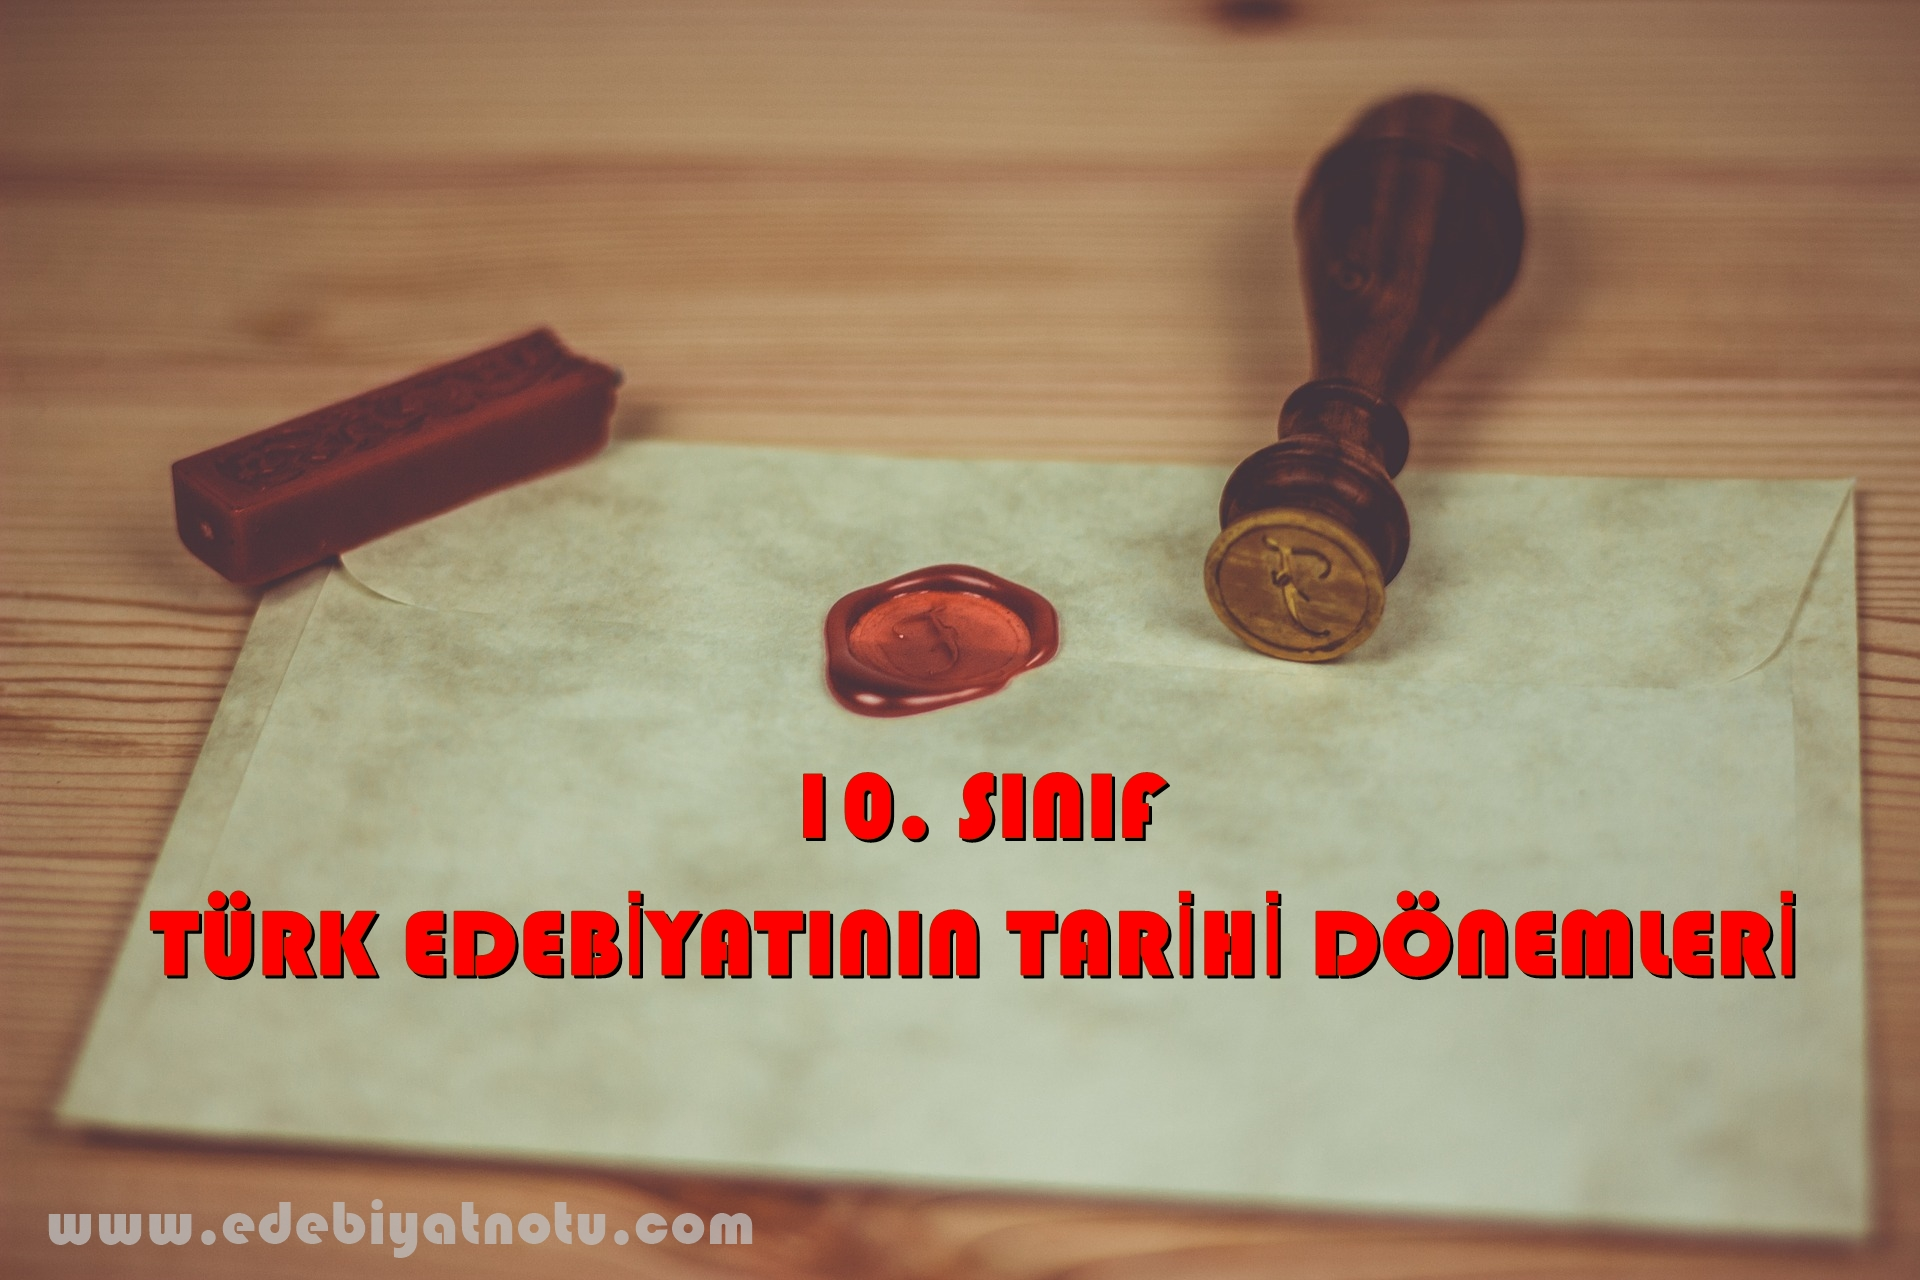 Türk Edebiyatının Tarihi Dönemleri